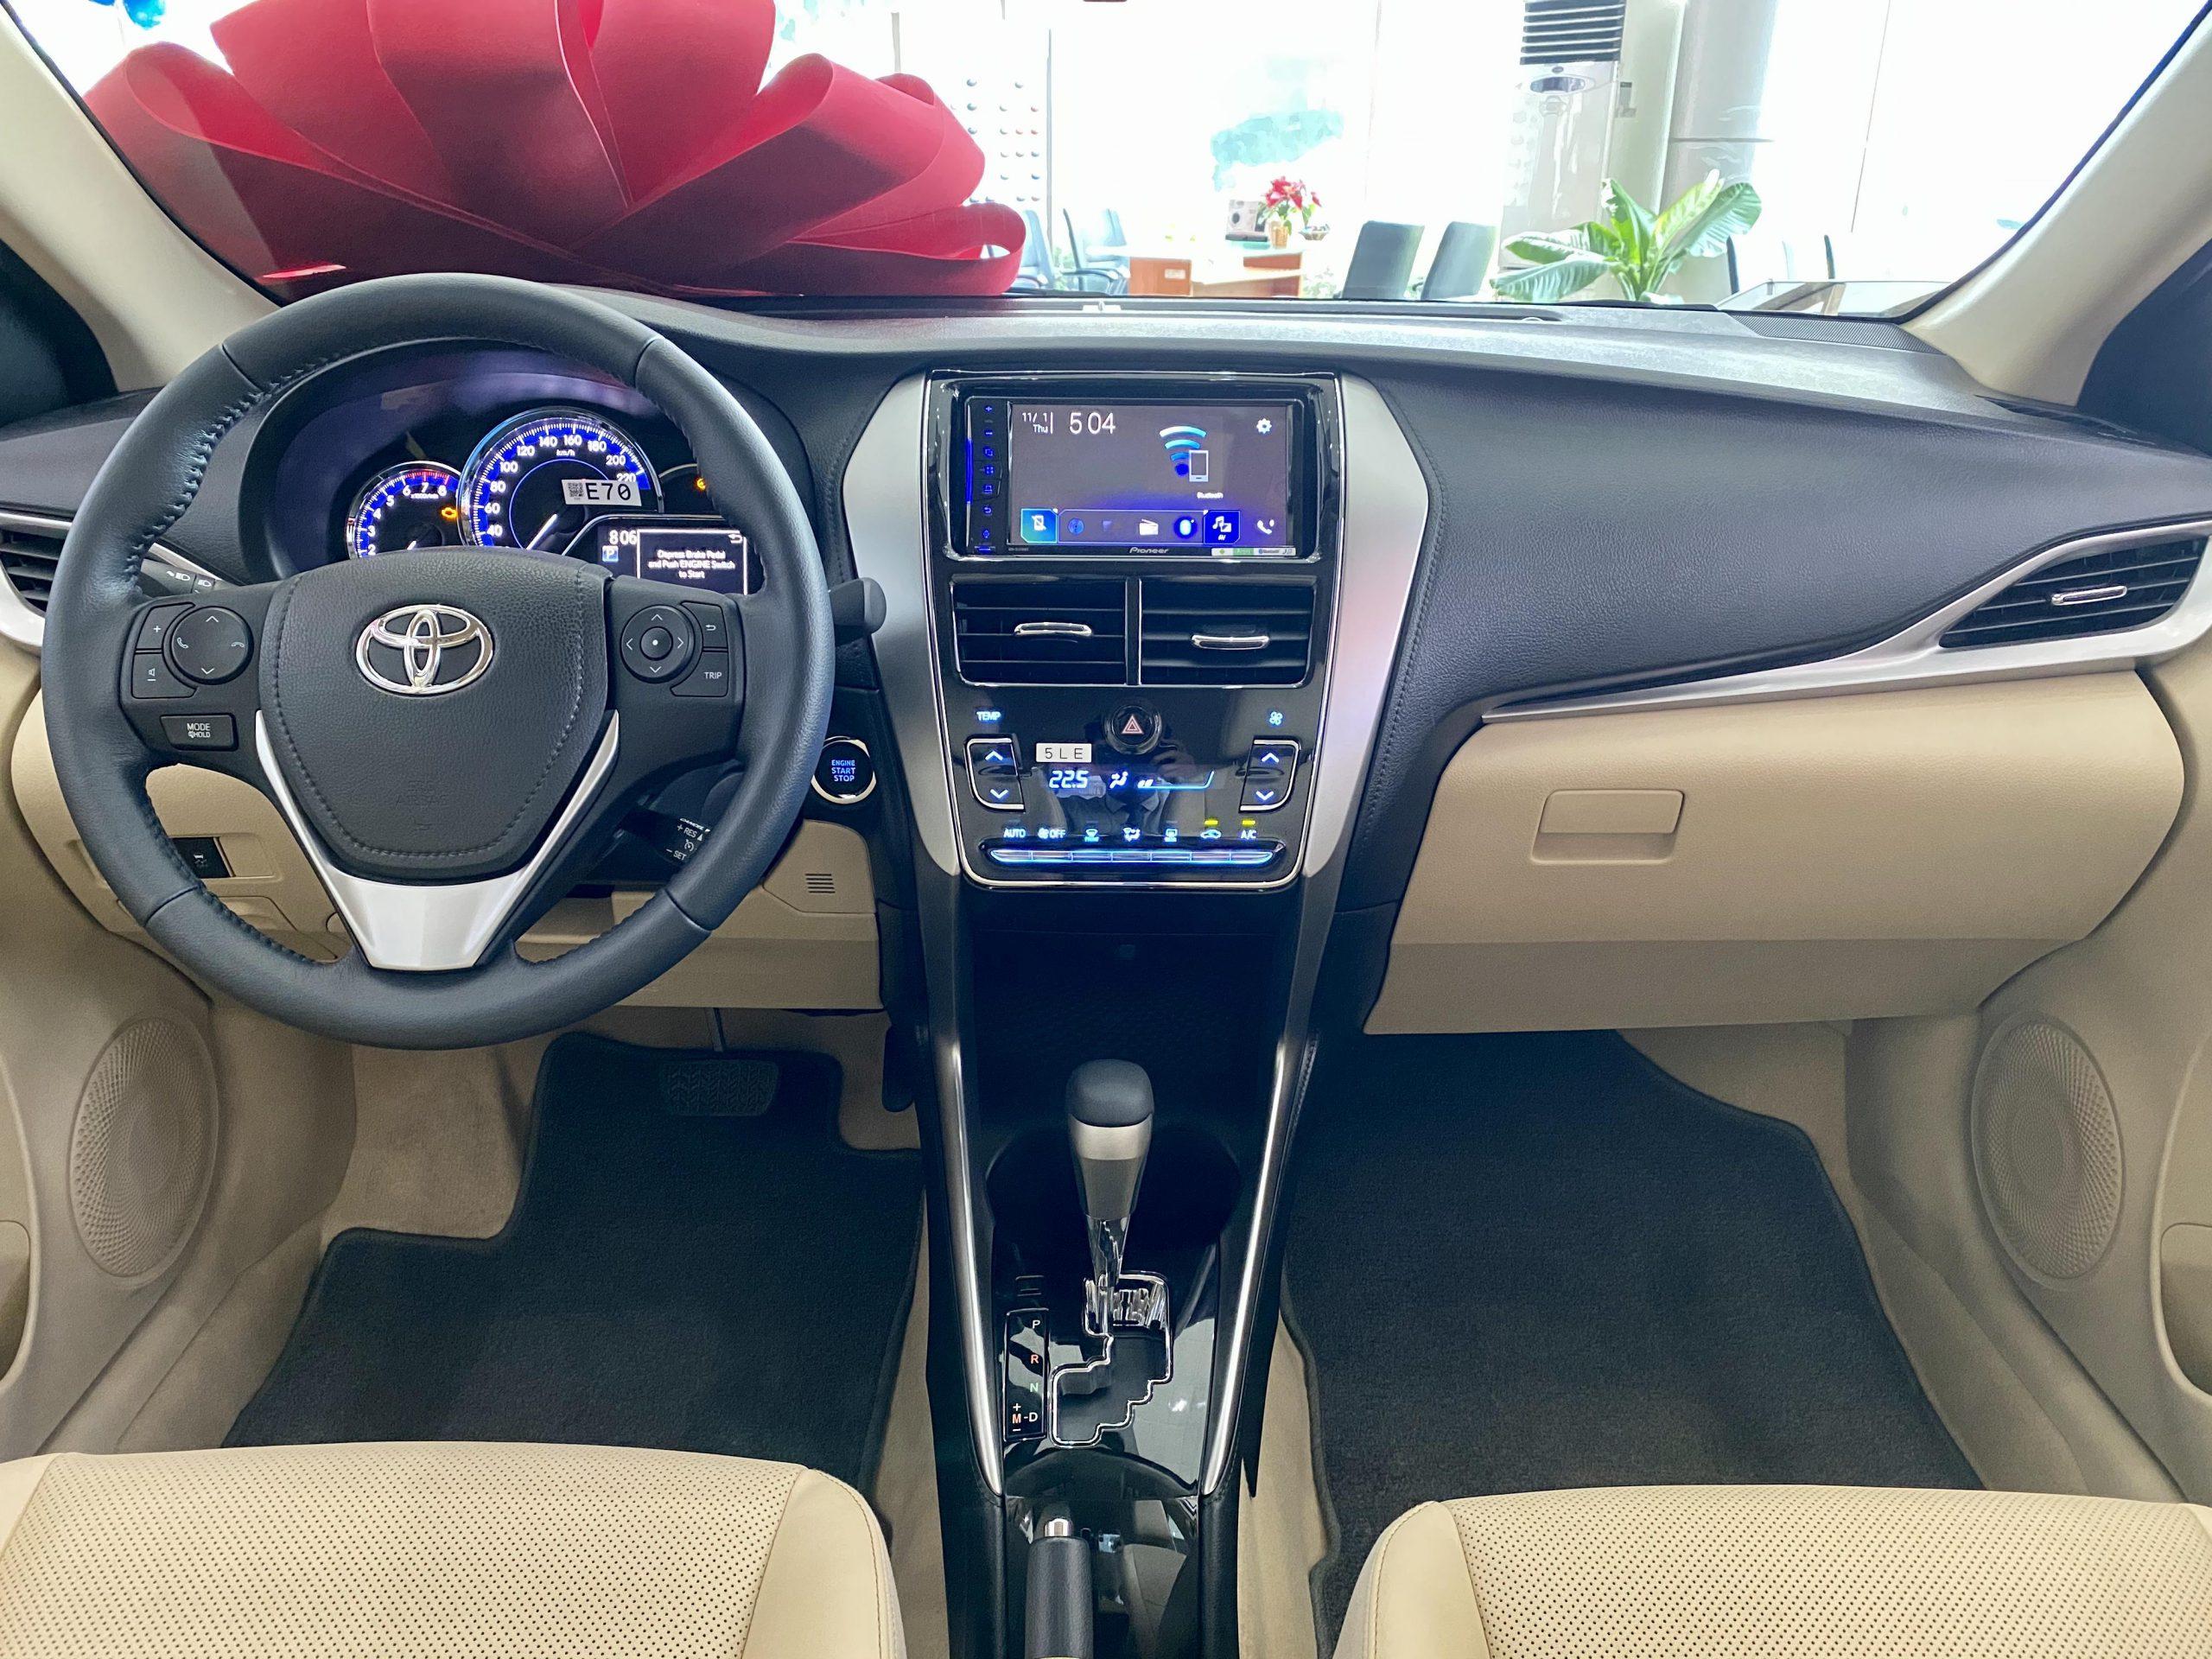 Vios 2020 G 06 scaled - Toyota Vios 2020: giá bán và khuyến mãi cập nhật mỗi 2 phút